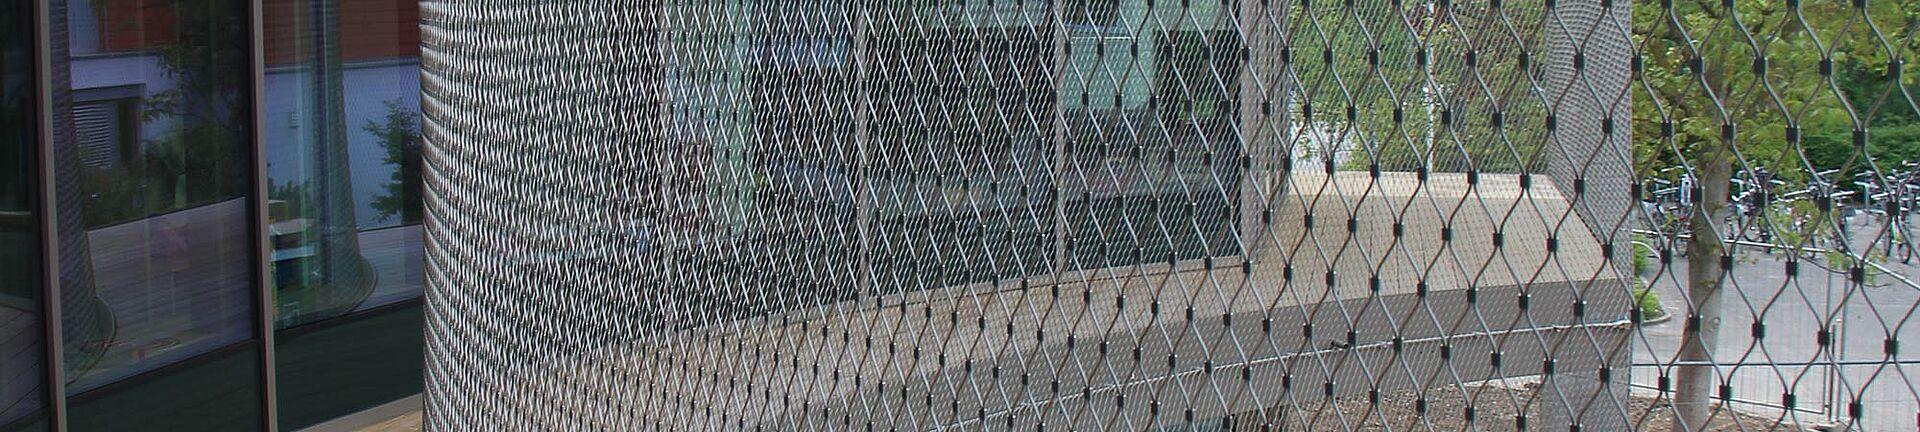 Absturzsicherung Fassade X-TEND Edelstahl-Seilnetz